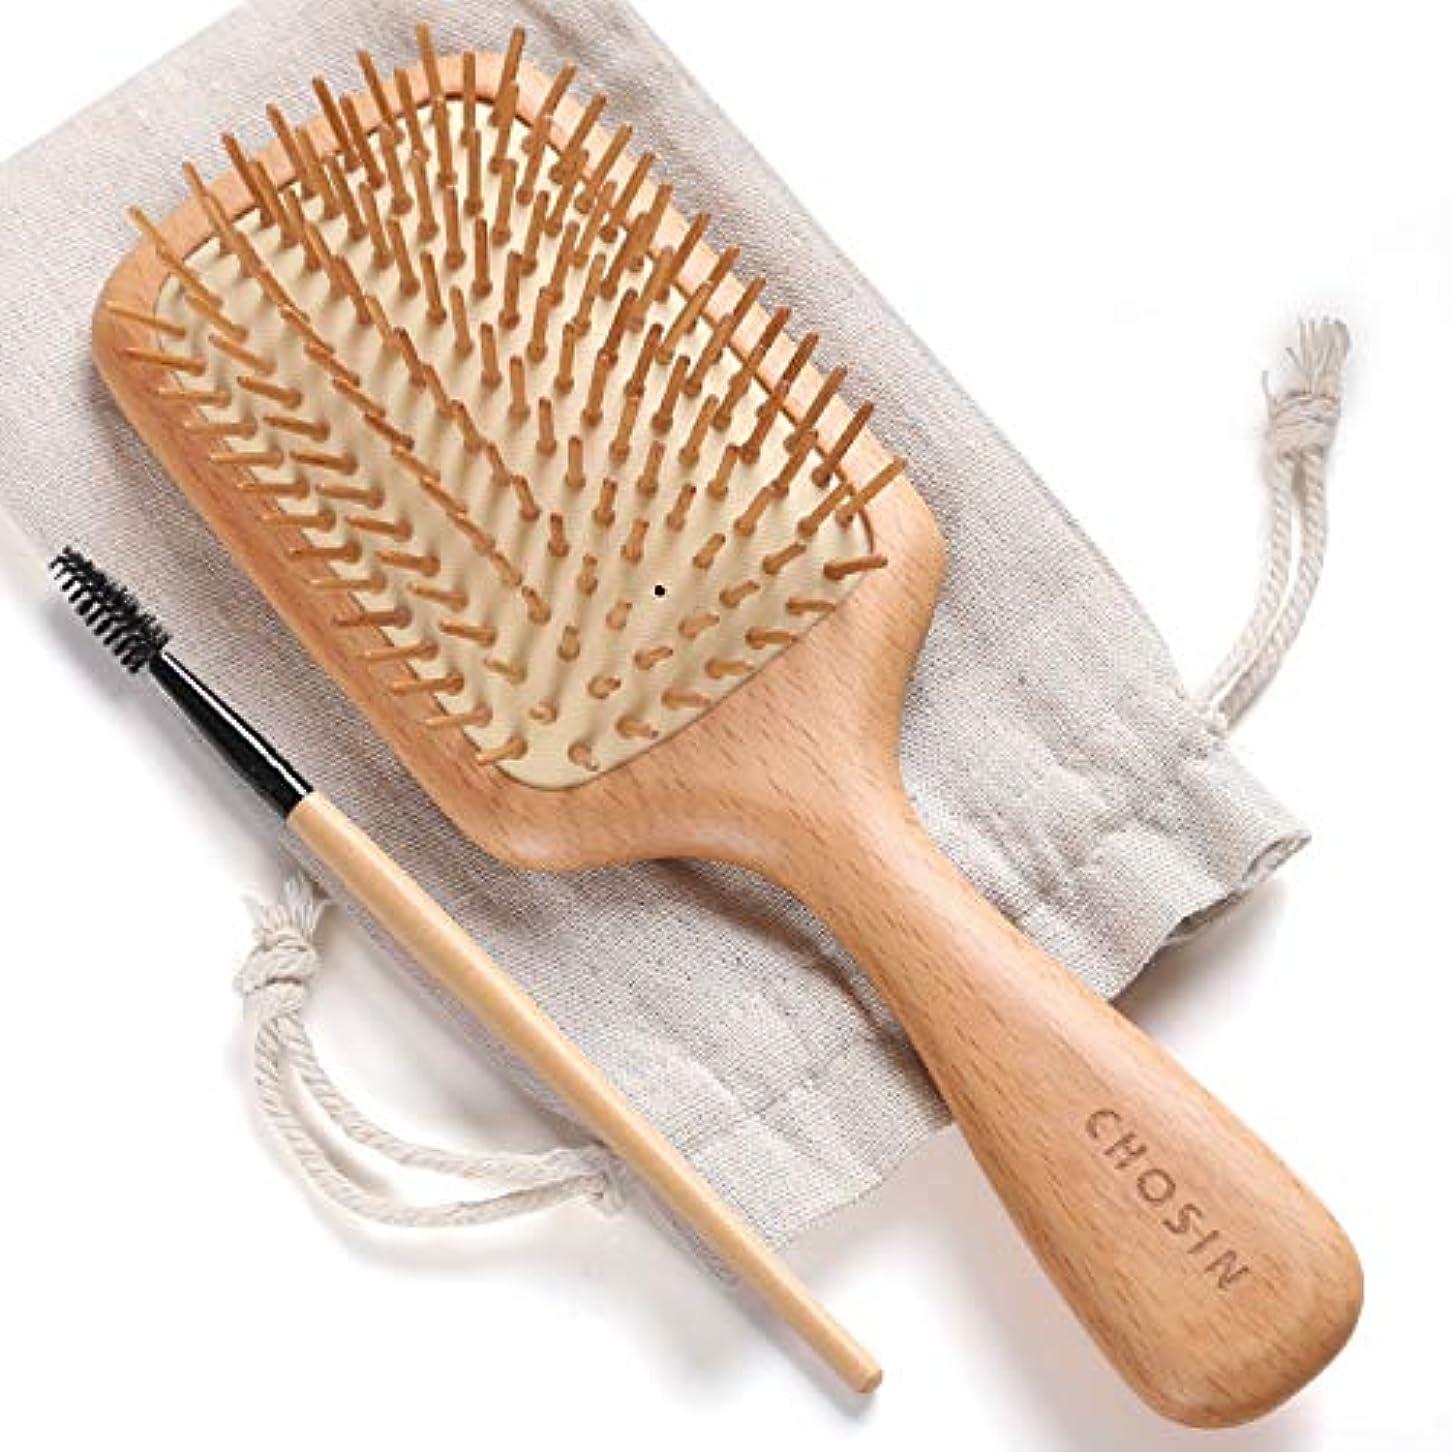 タイト持つ脱獄ヘアブラシ CHOSIN 頭皮マッサージ 木製櫛 髪をなめらかにする ヘアケア 静電気防止脱毛防止頭皮の圧迫軽減 男性と女性への適用